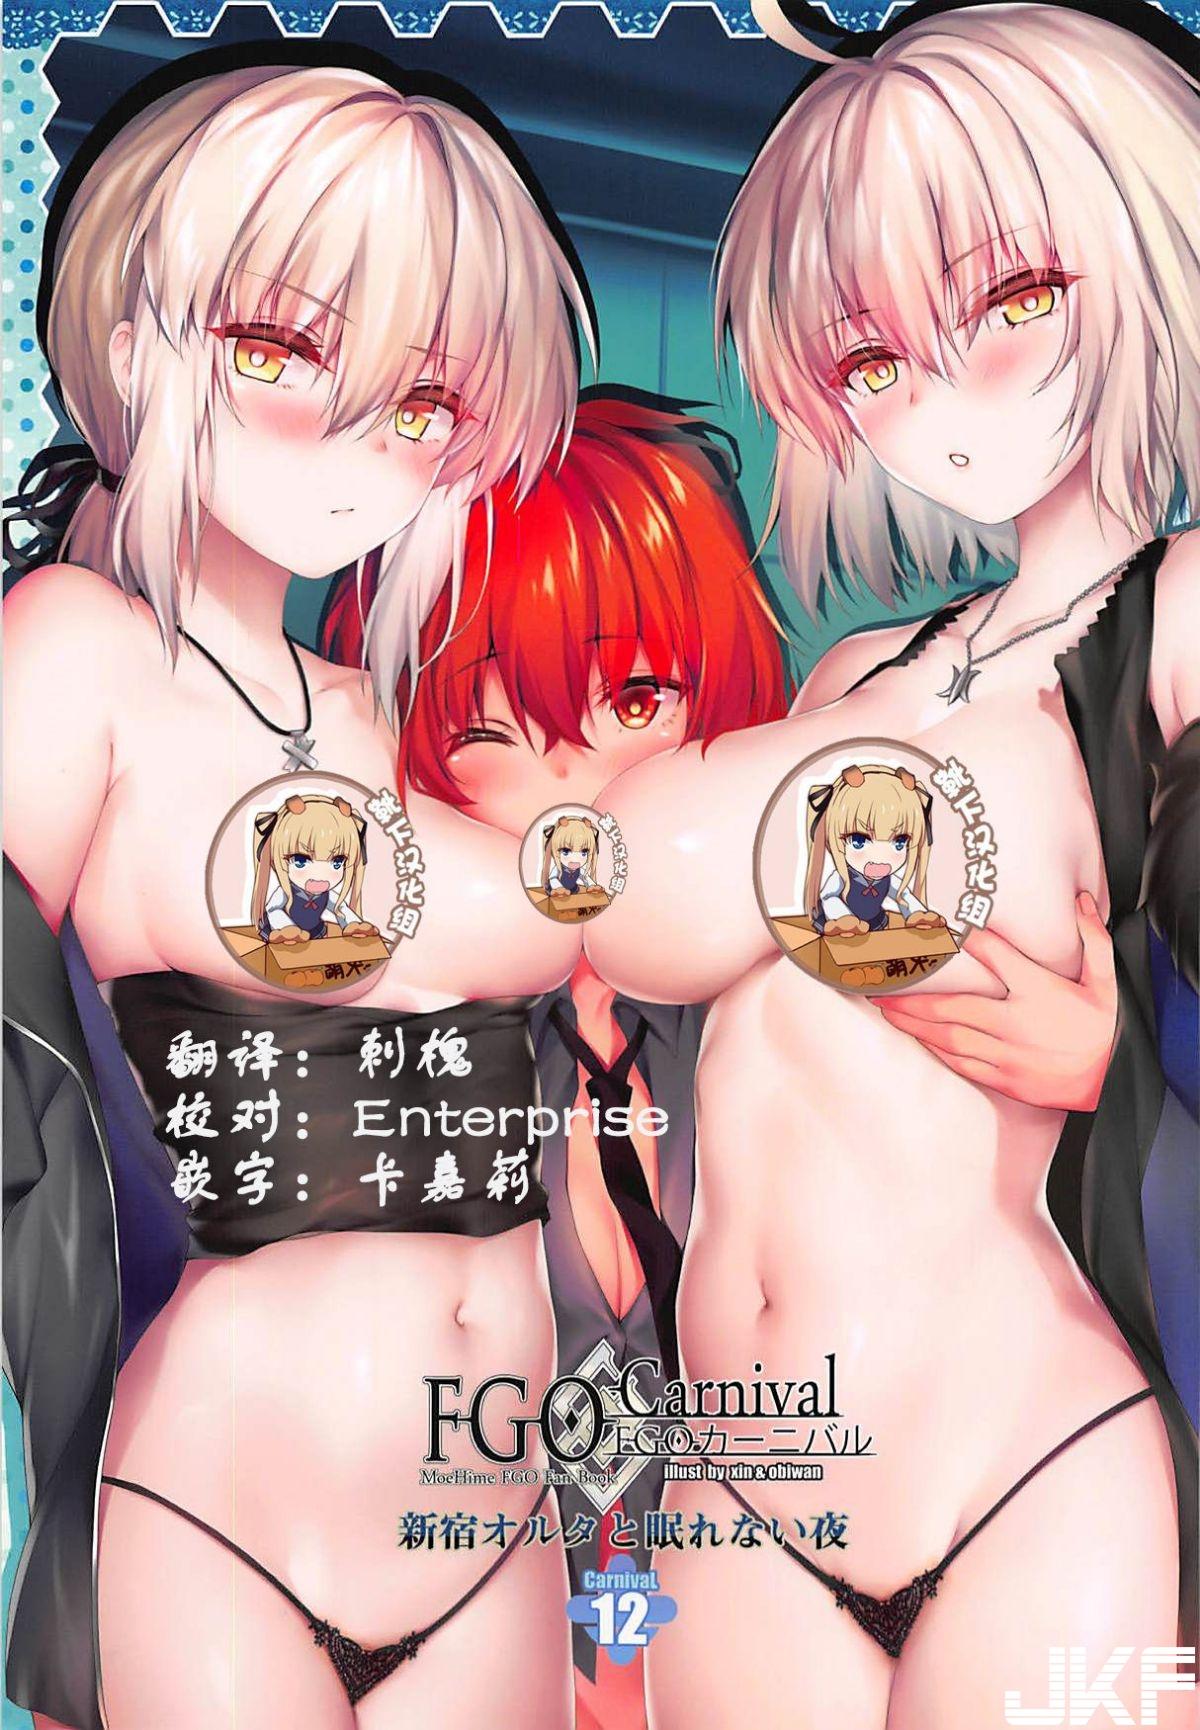 [萌姫連合 (obiwan、xin)] カーニバル12-新宿オルタと眠れない夜- - 情色卡漫 -